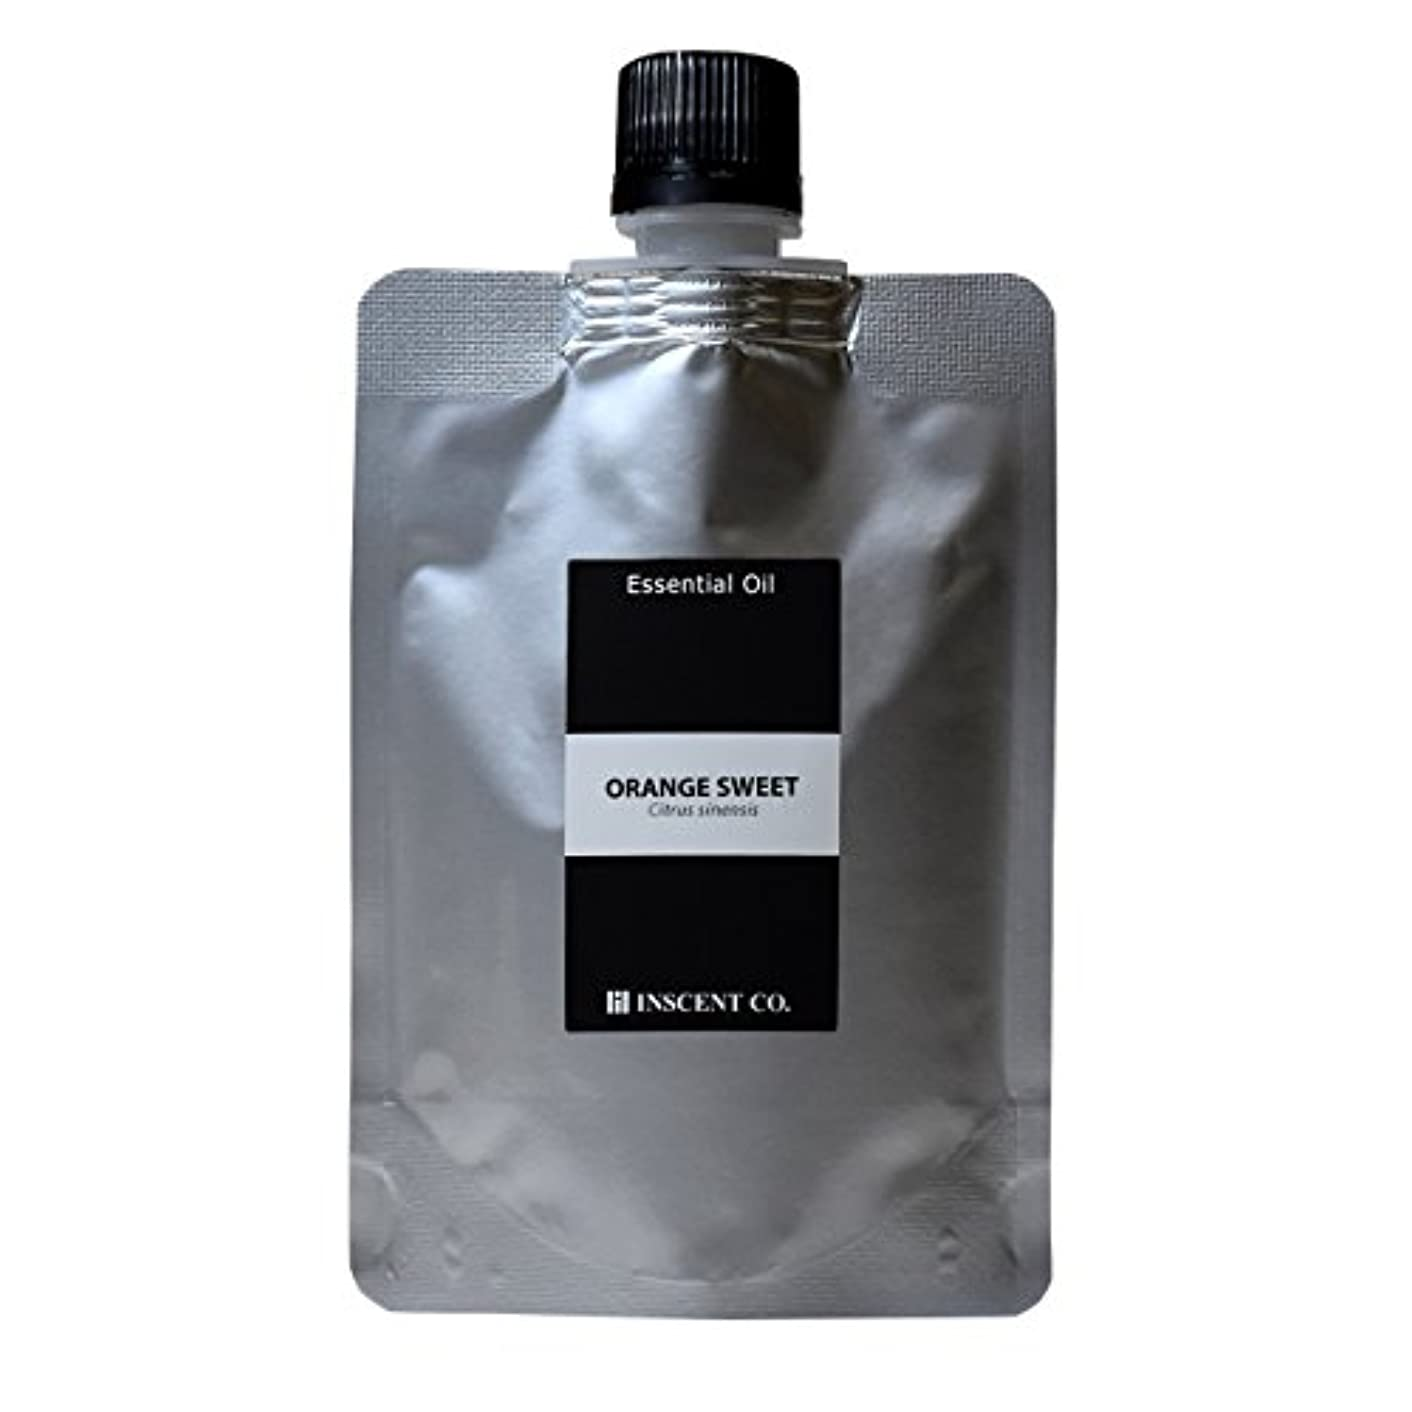 神聖採用するコンバーチブル(詰替用 アルミパック) オレンジスイート 50ml インセント アロマオイル AEAJ 表示基準適合認定精油